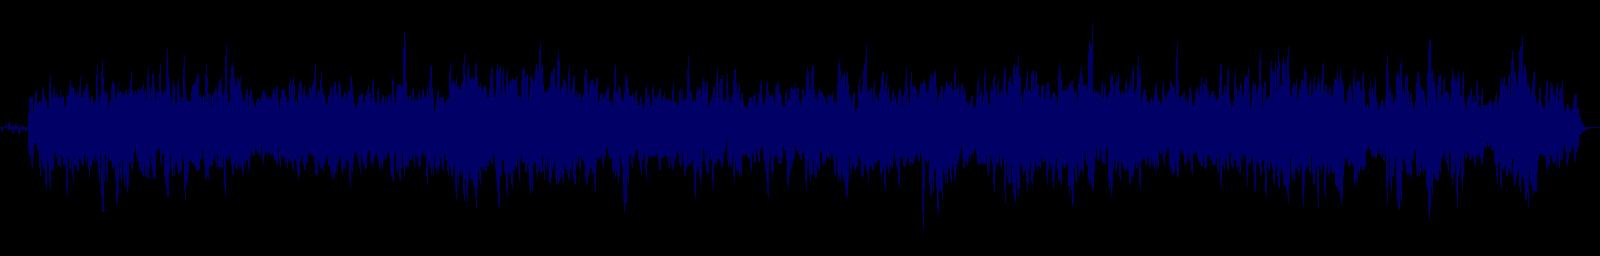 waveform of track #159001